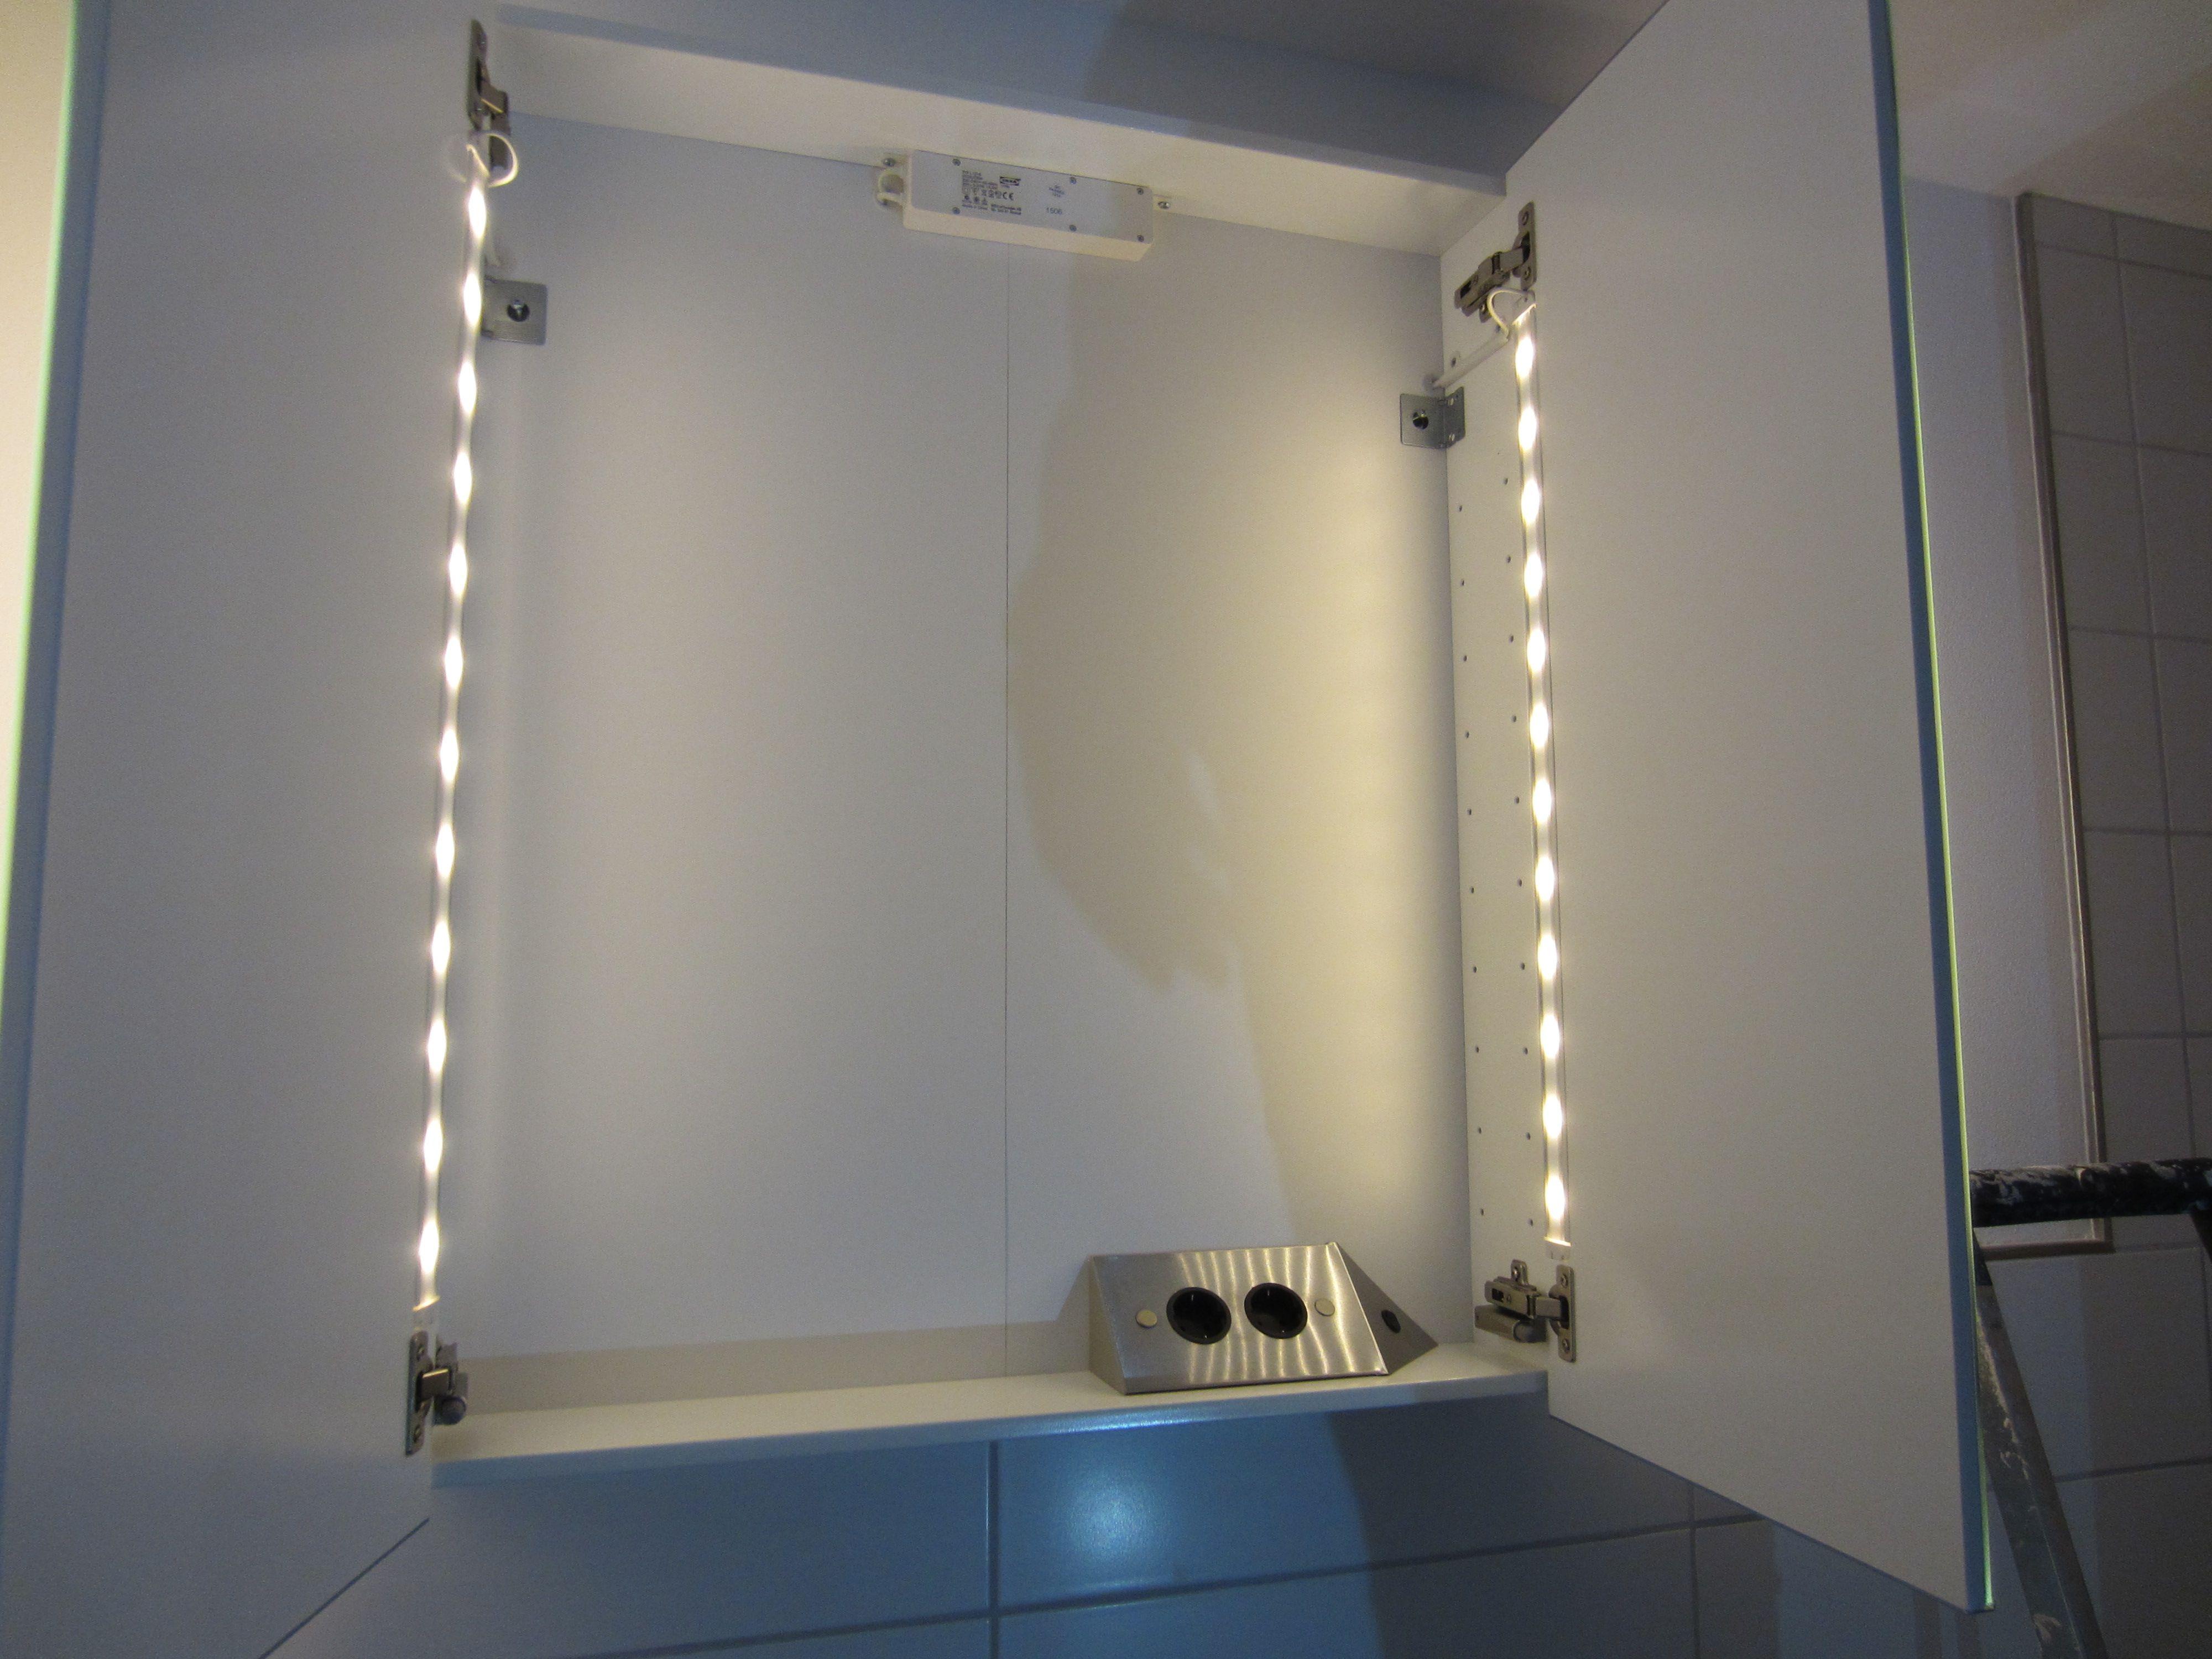 Ikea Hack Storjorm 2 0 Hus 23 Storjorm Spiegelschrank Bad Ikea Hack Flach Badezimmer Extra Montie In 2020 Bathroom Mirror Lighted Bathroom Mirror Vanity Mirror